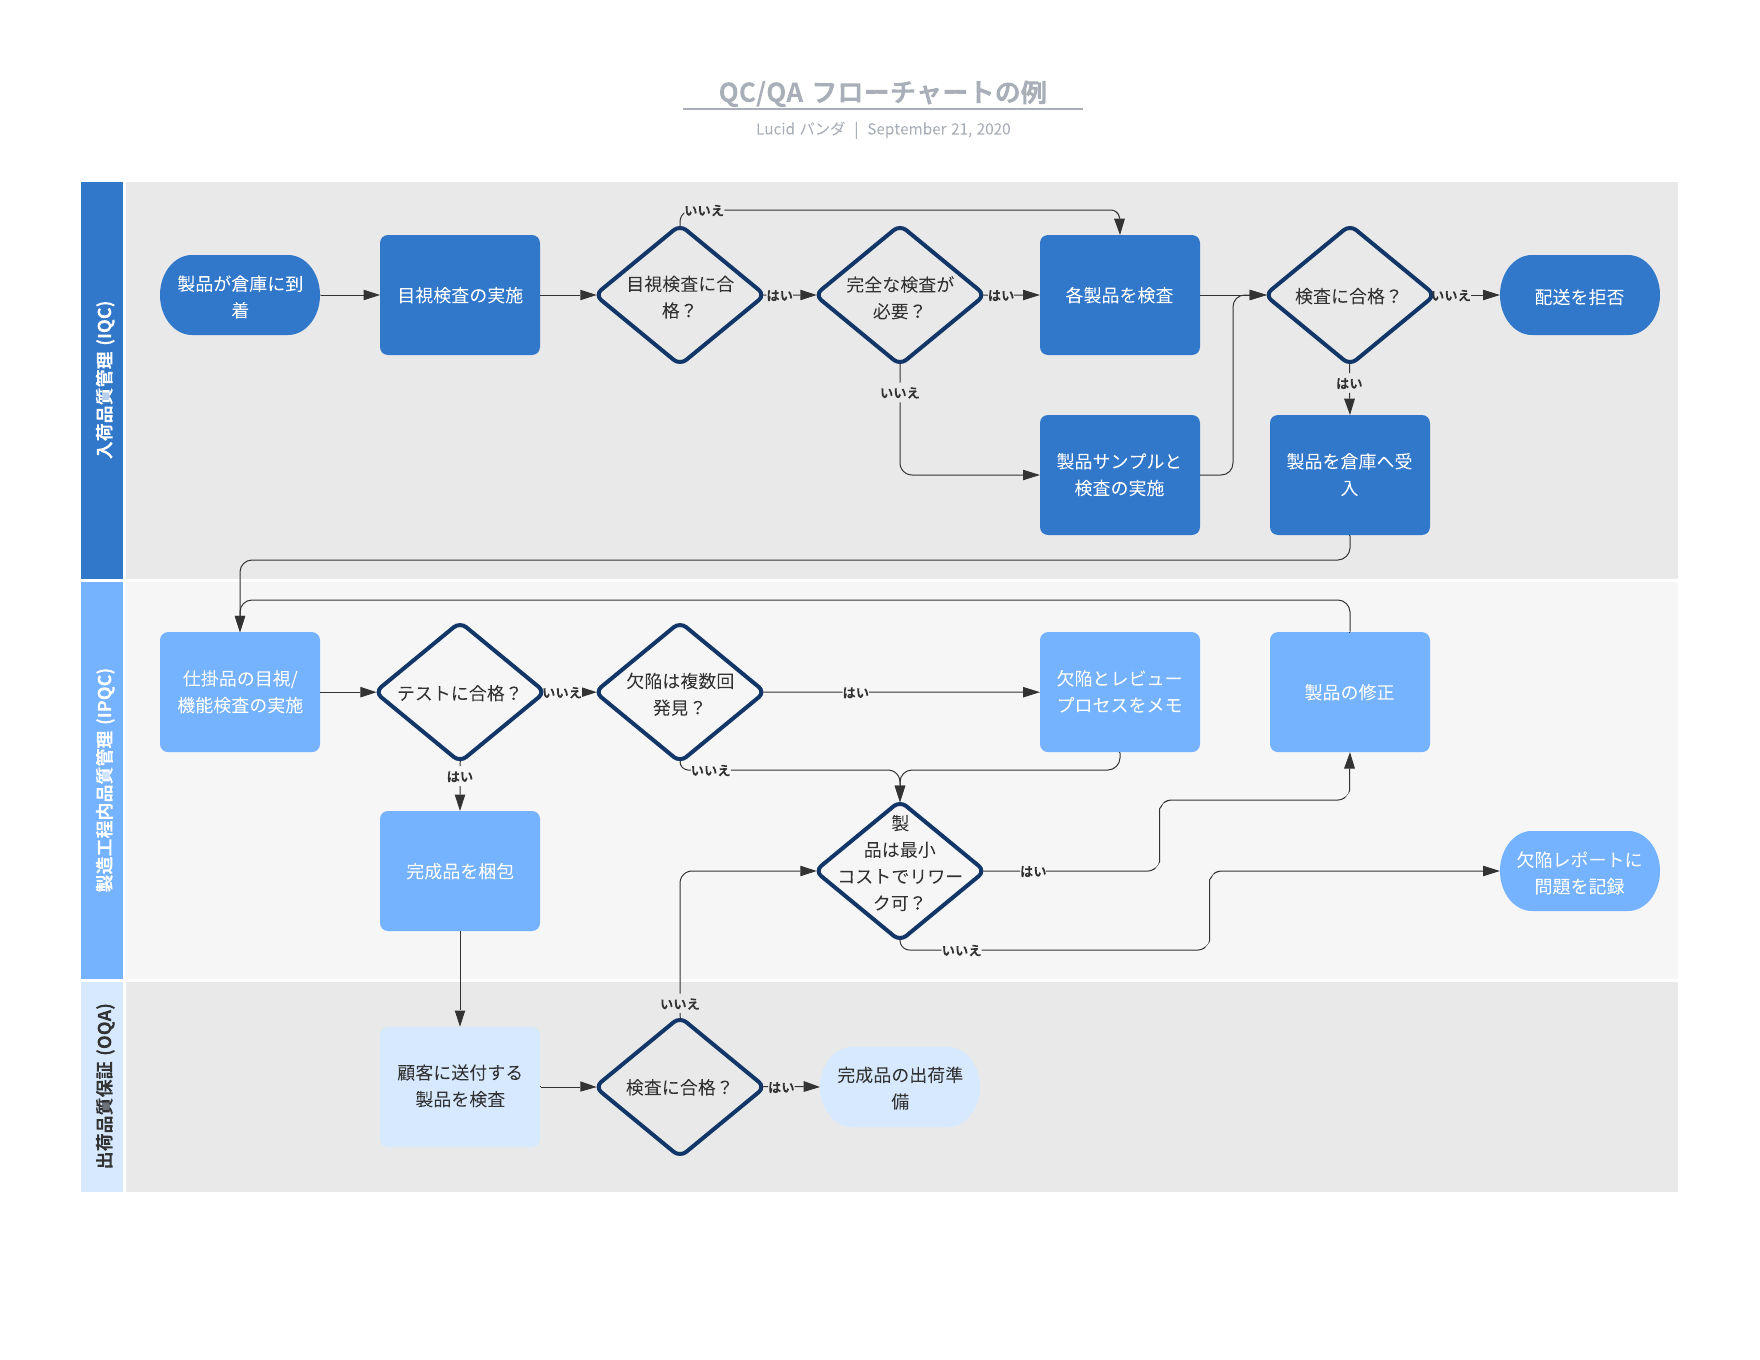 業務フロー図テンプレートの例